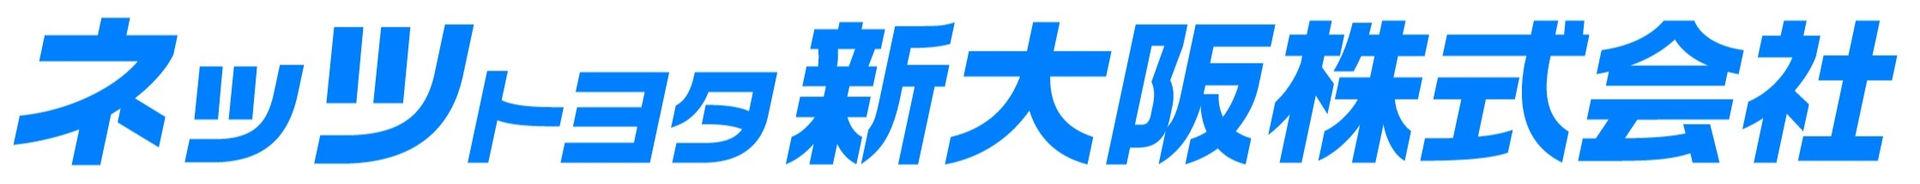 ネッツトヨタ新大阪株式会社